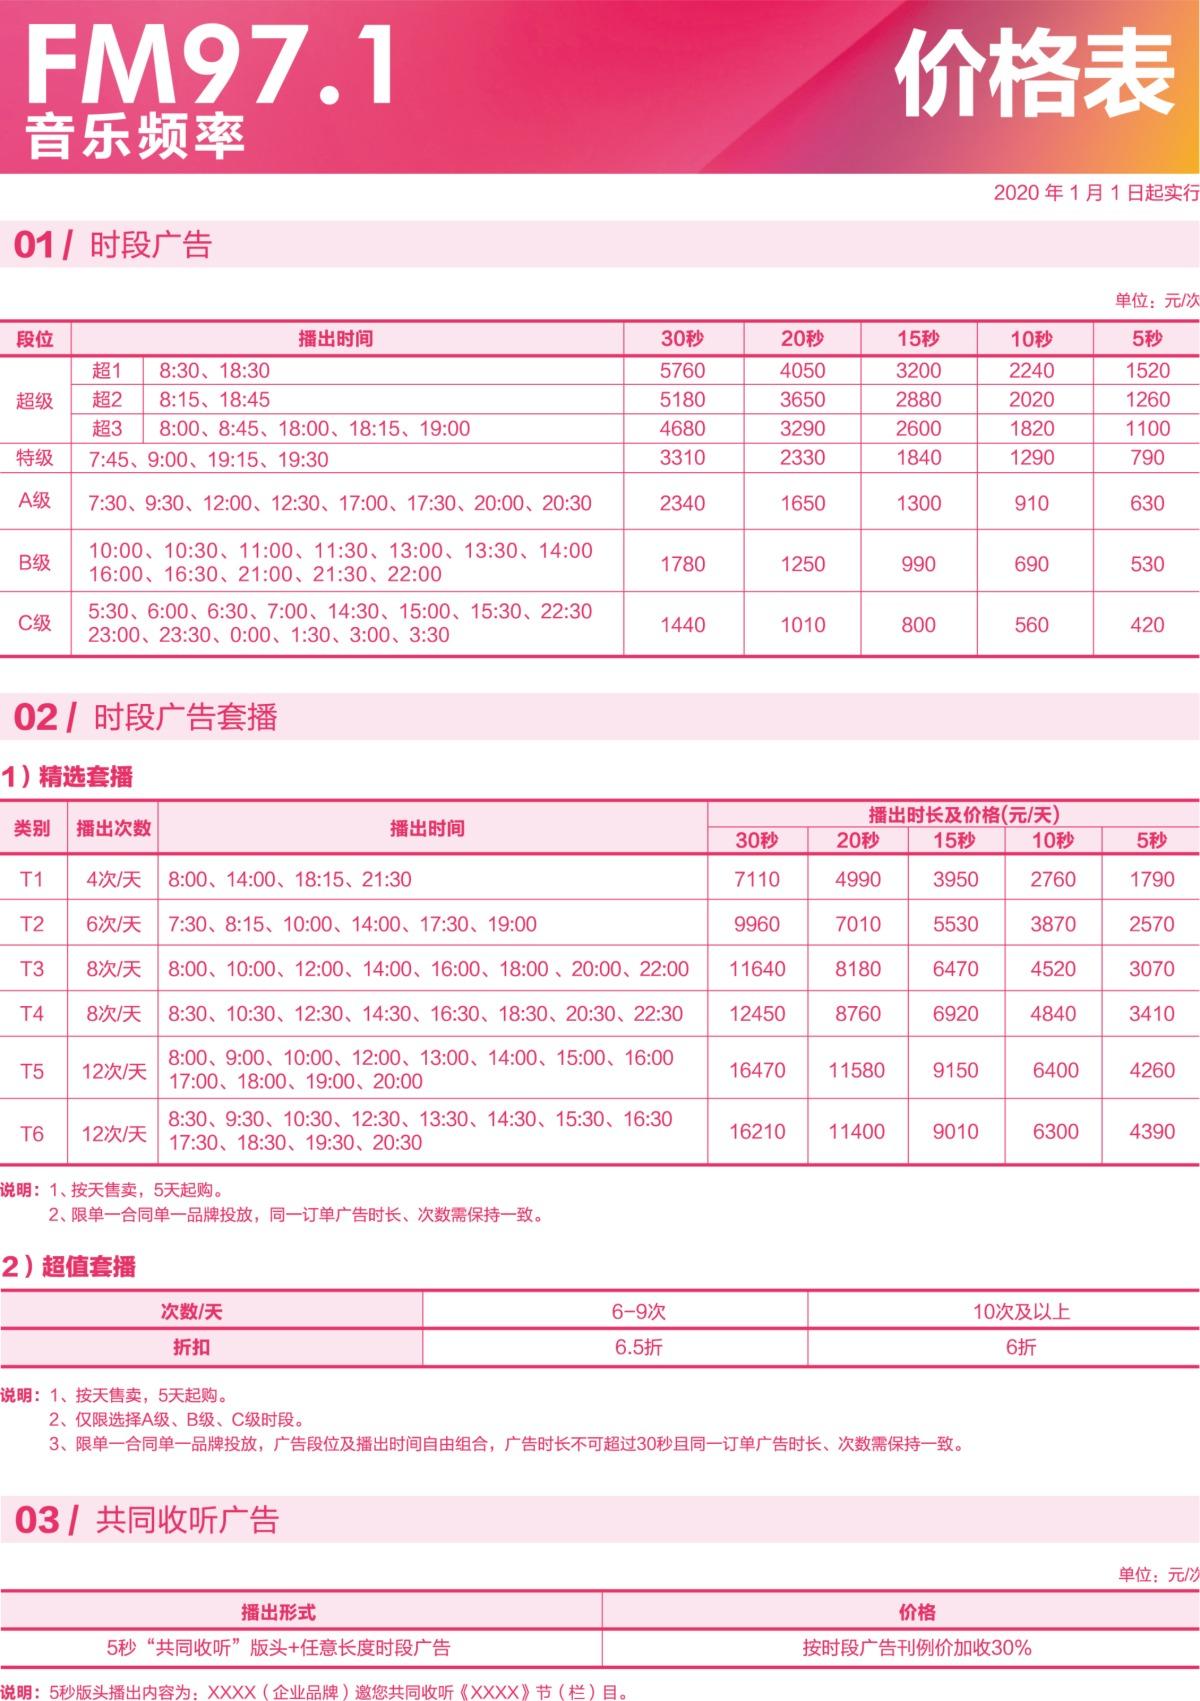 深圳音乐广播广告价格